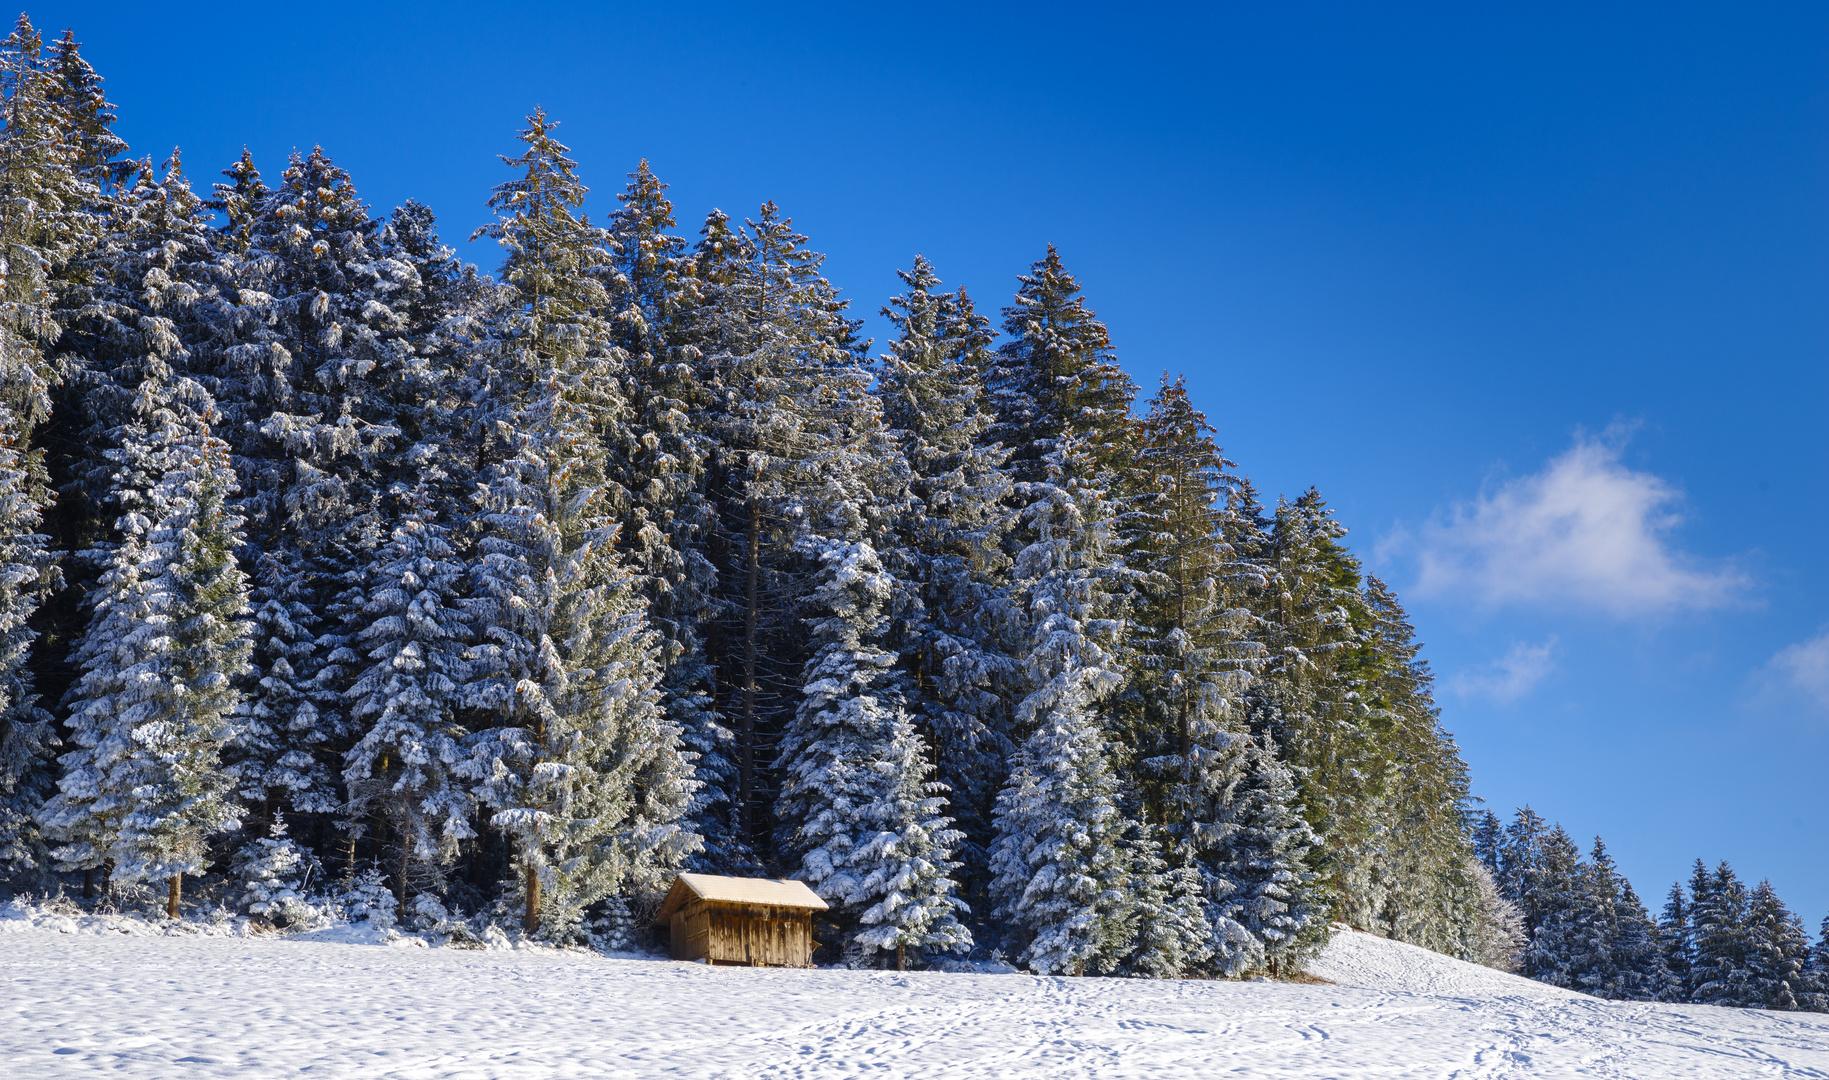 Wohnt hier der Weihnachtsmann mit Rudolph dem Rentier?